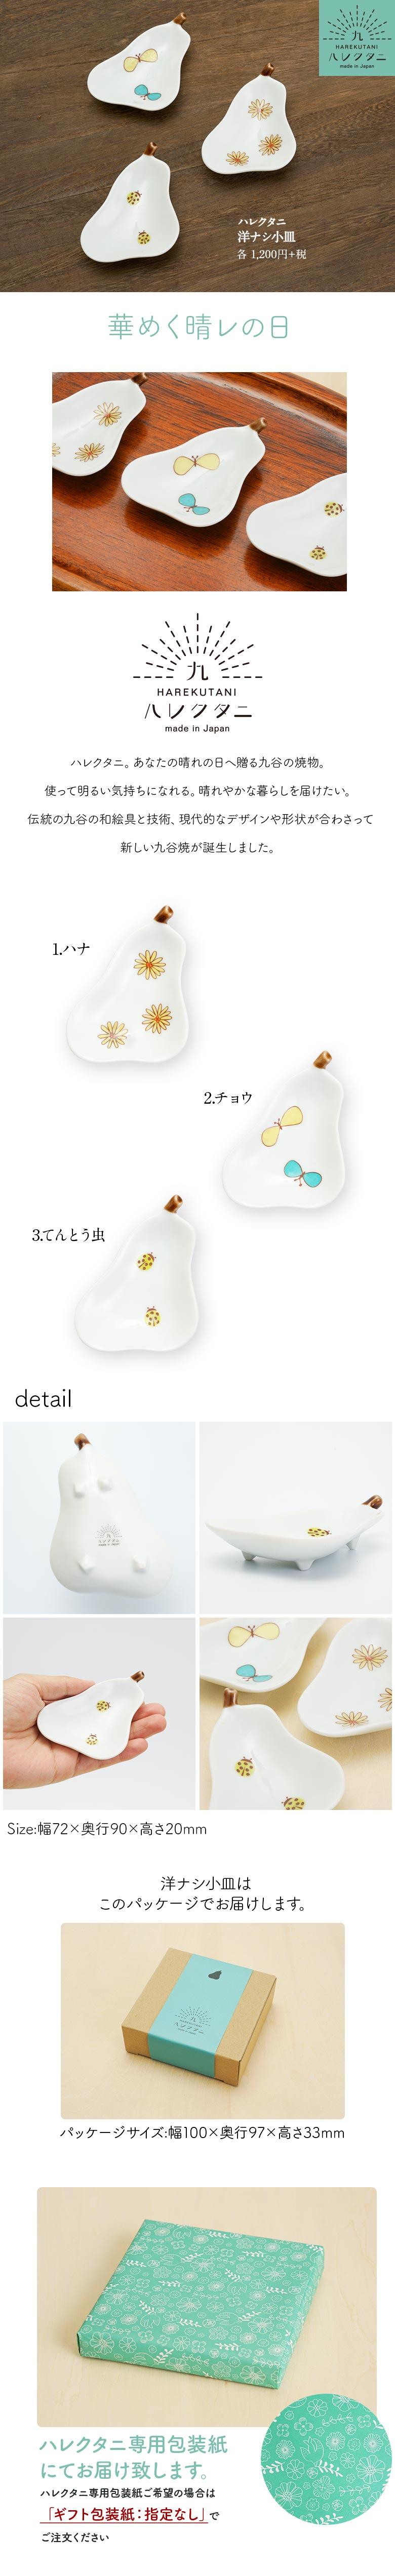 洋ナシ小皿/ハレクタニ